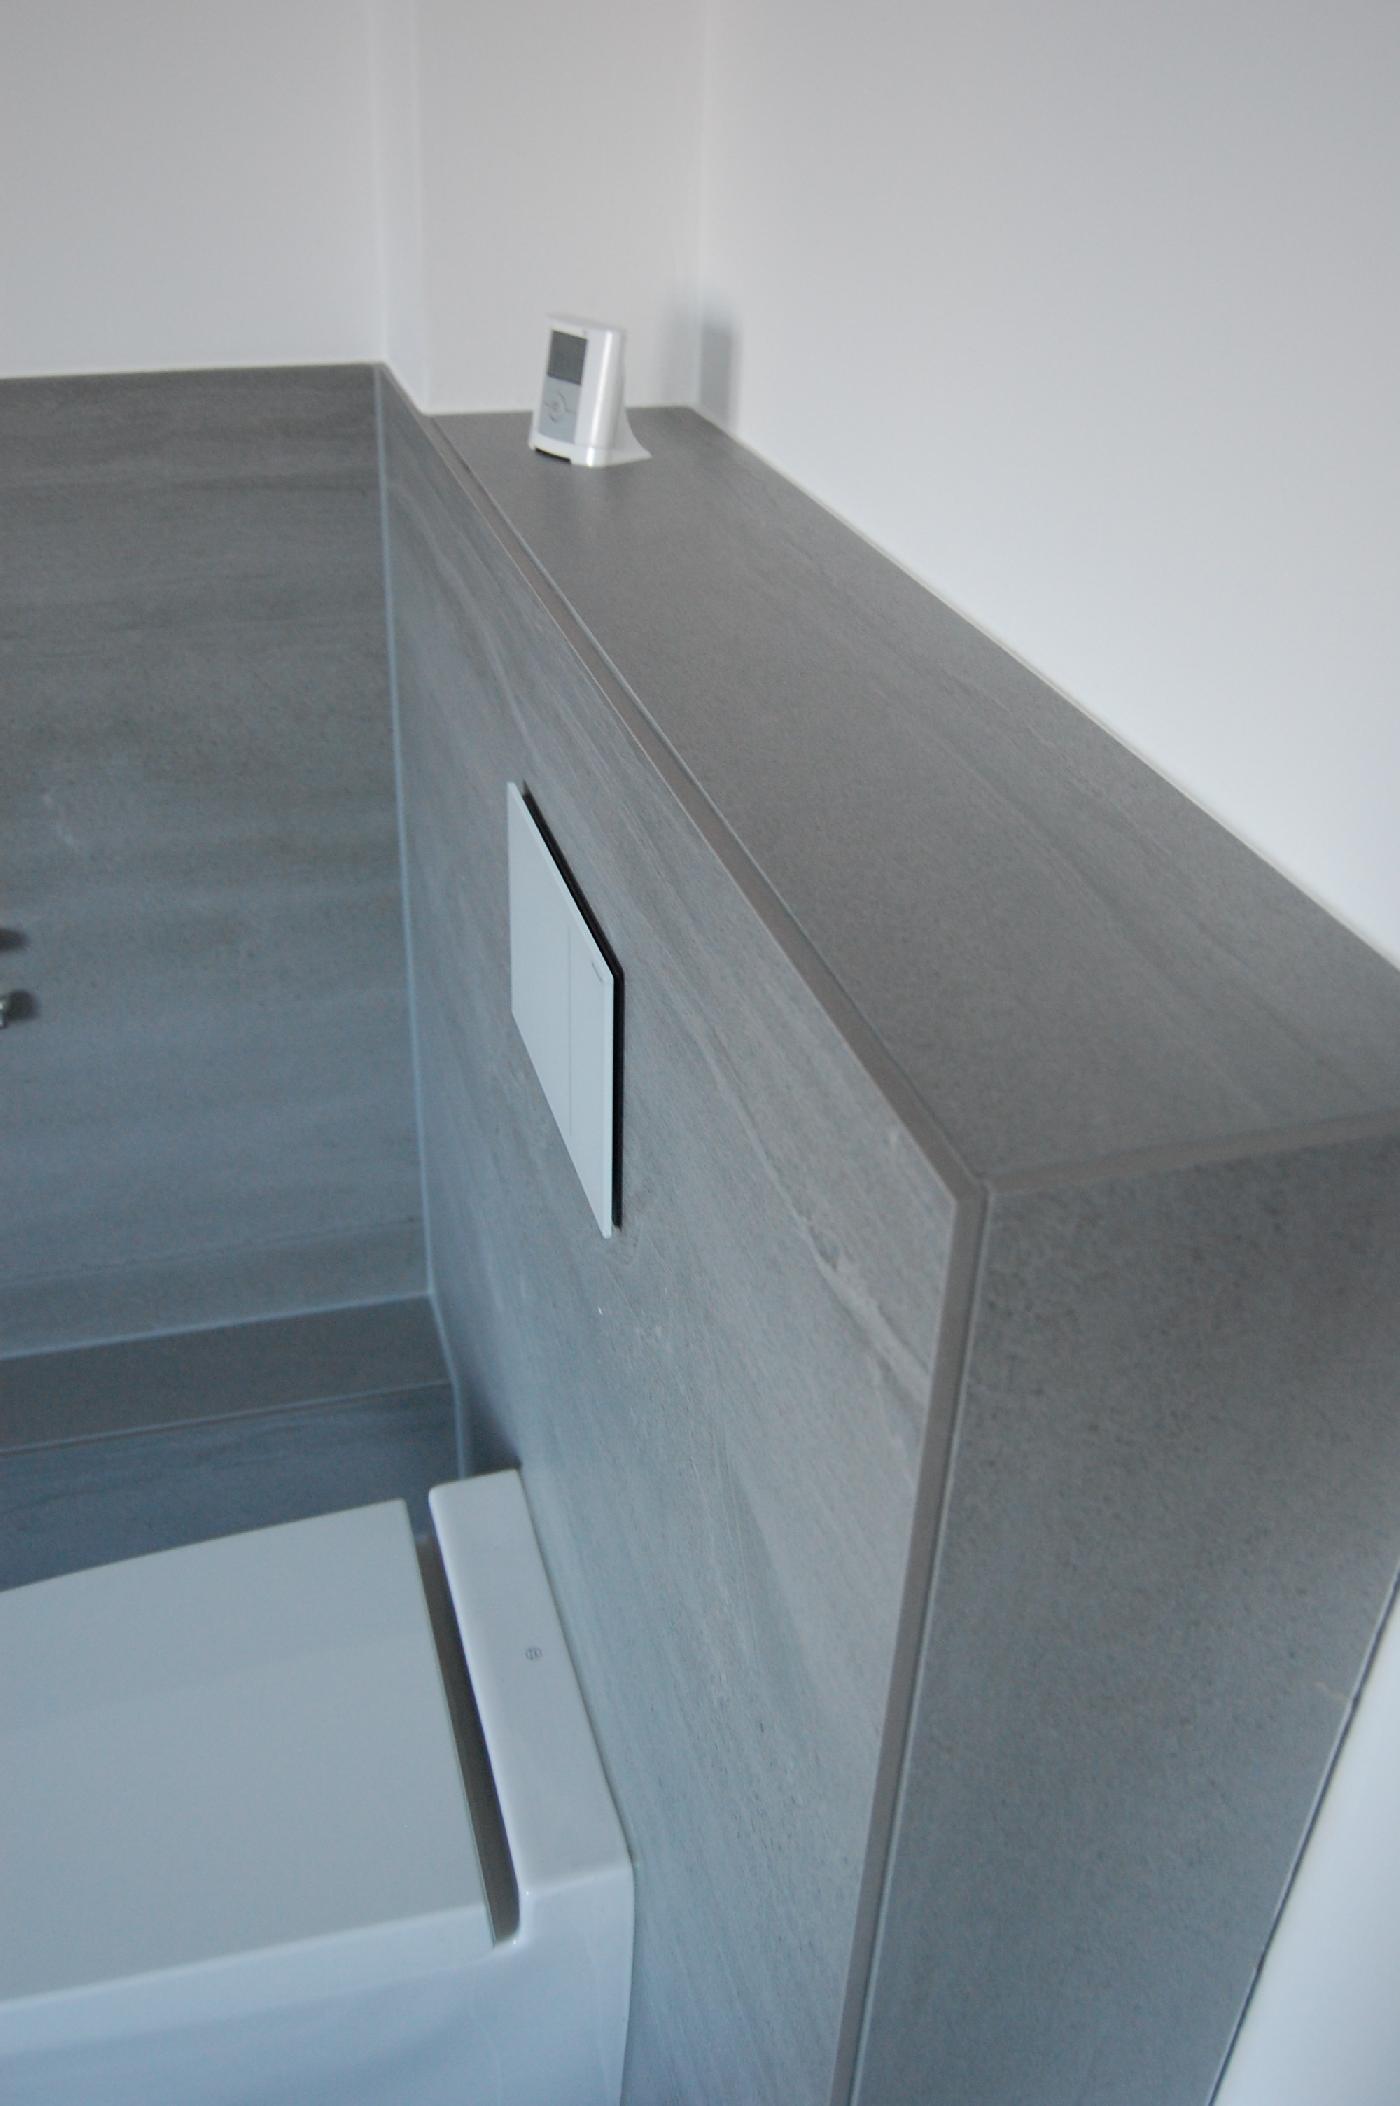 peter butz fliesenfachbetrieb referenzen. Black Bedroom Furniture Sets. Home Design Ideas